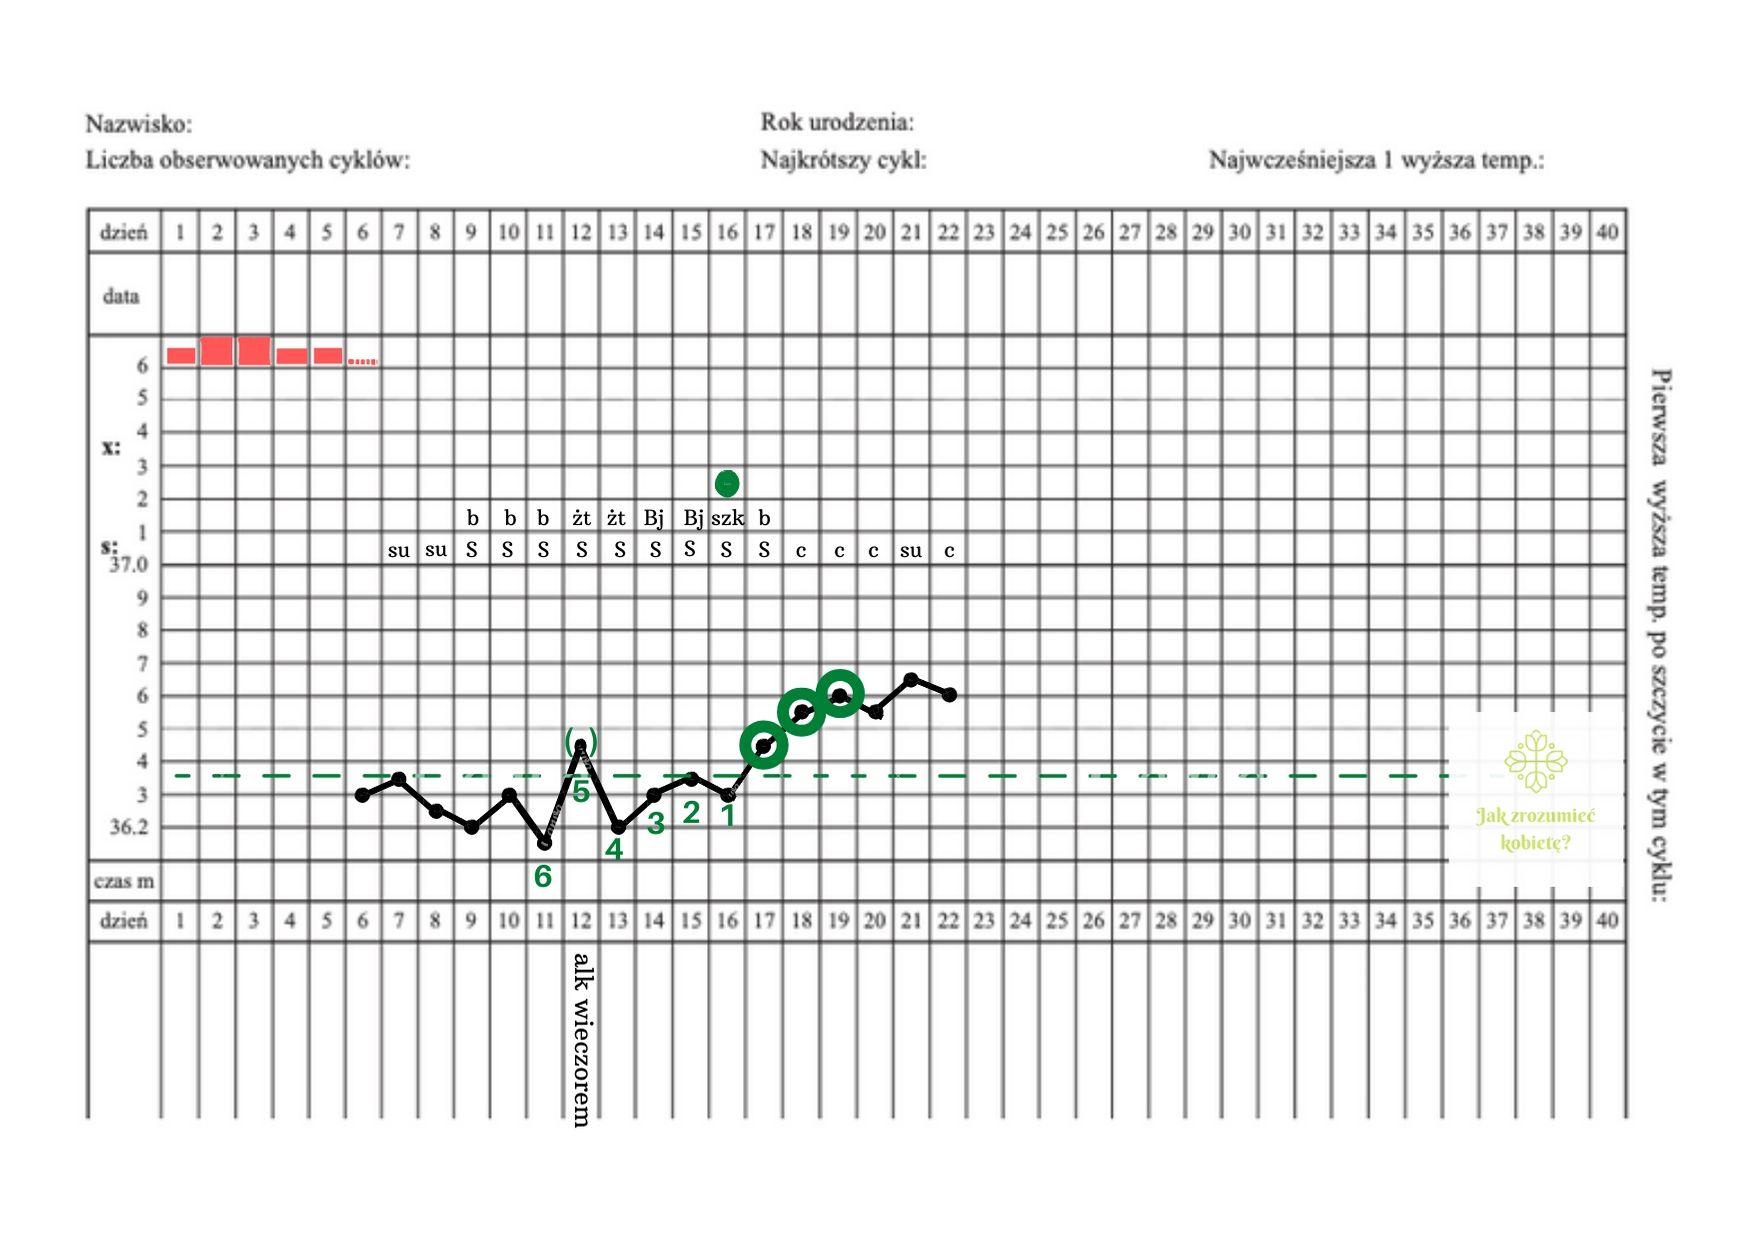 karta obserwacji cyklu, trzy wyższe temperatury